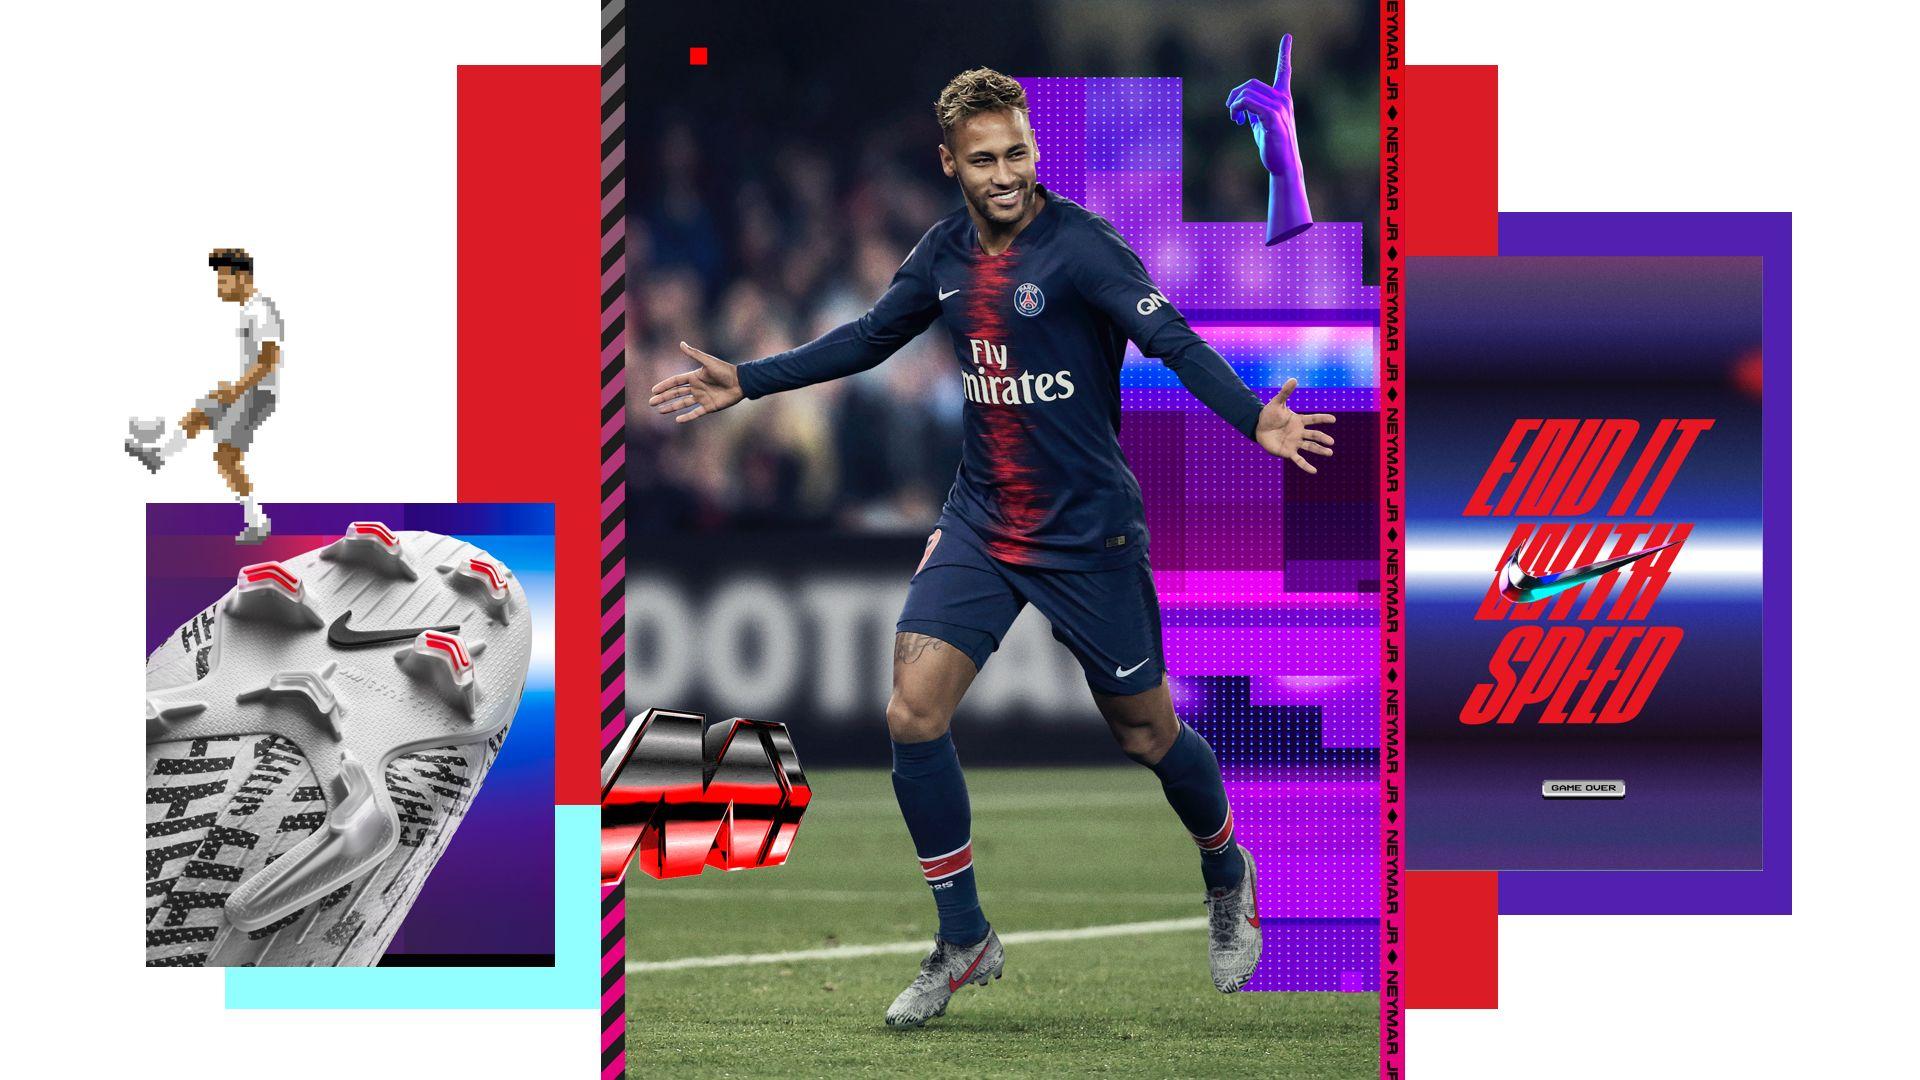 Kết quả hình ảnh cho neymar nike wallpaper silencio